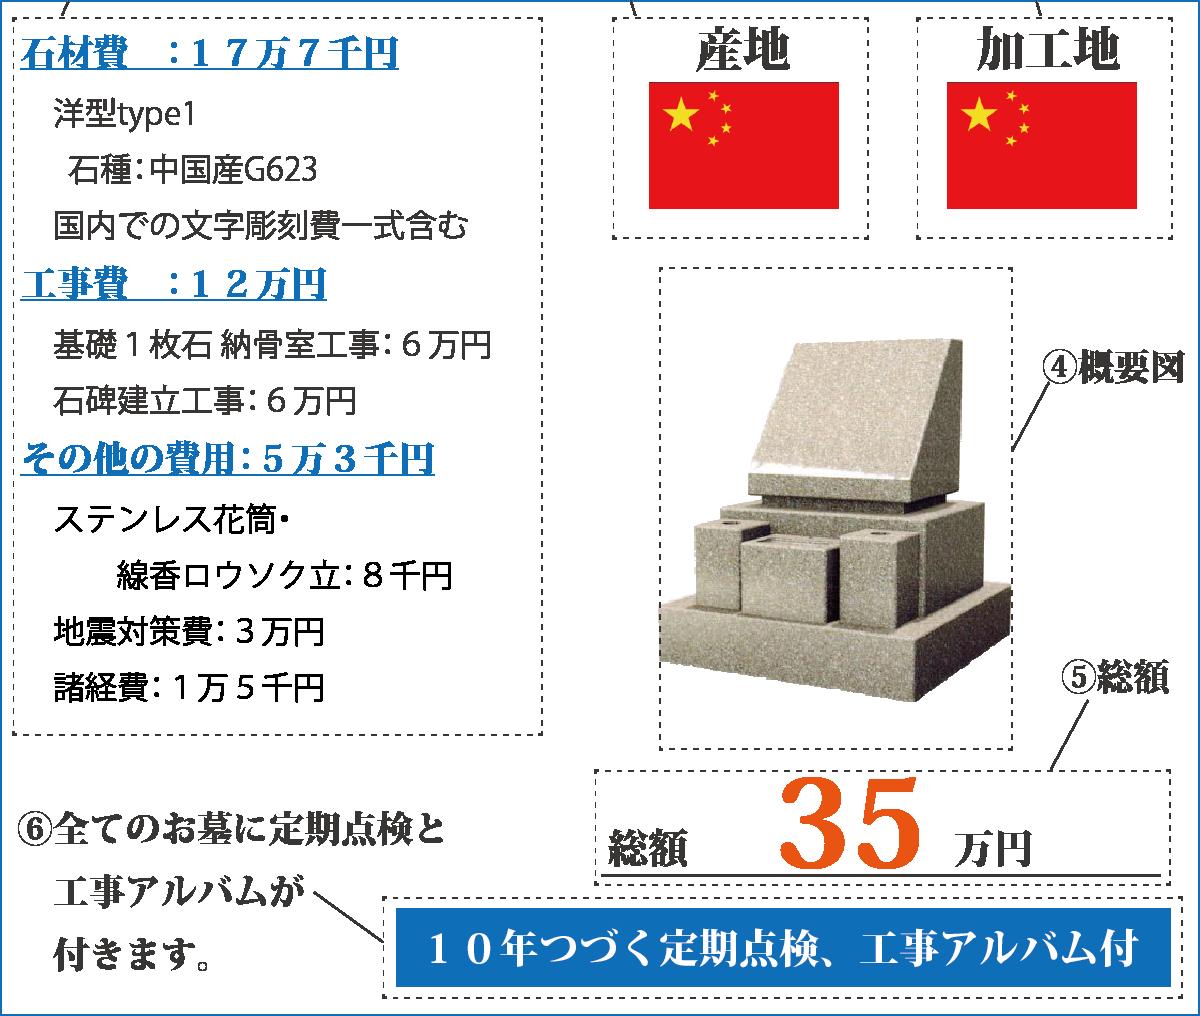 洋型Type1:中国産G623